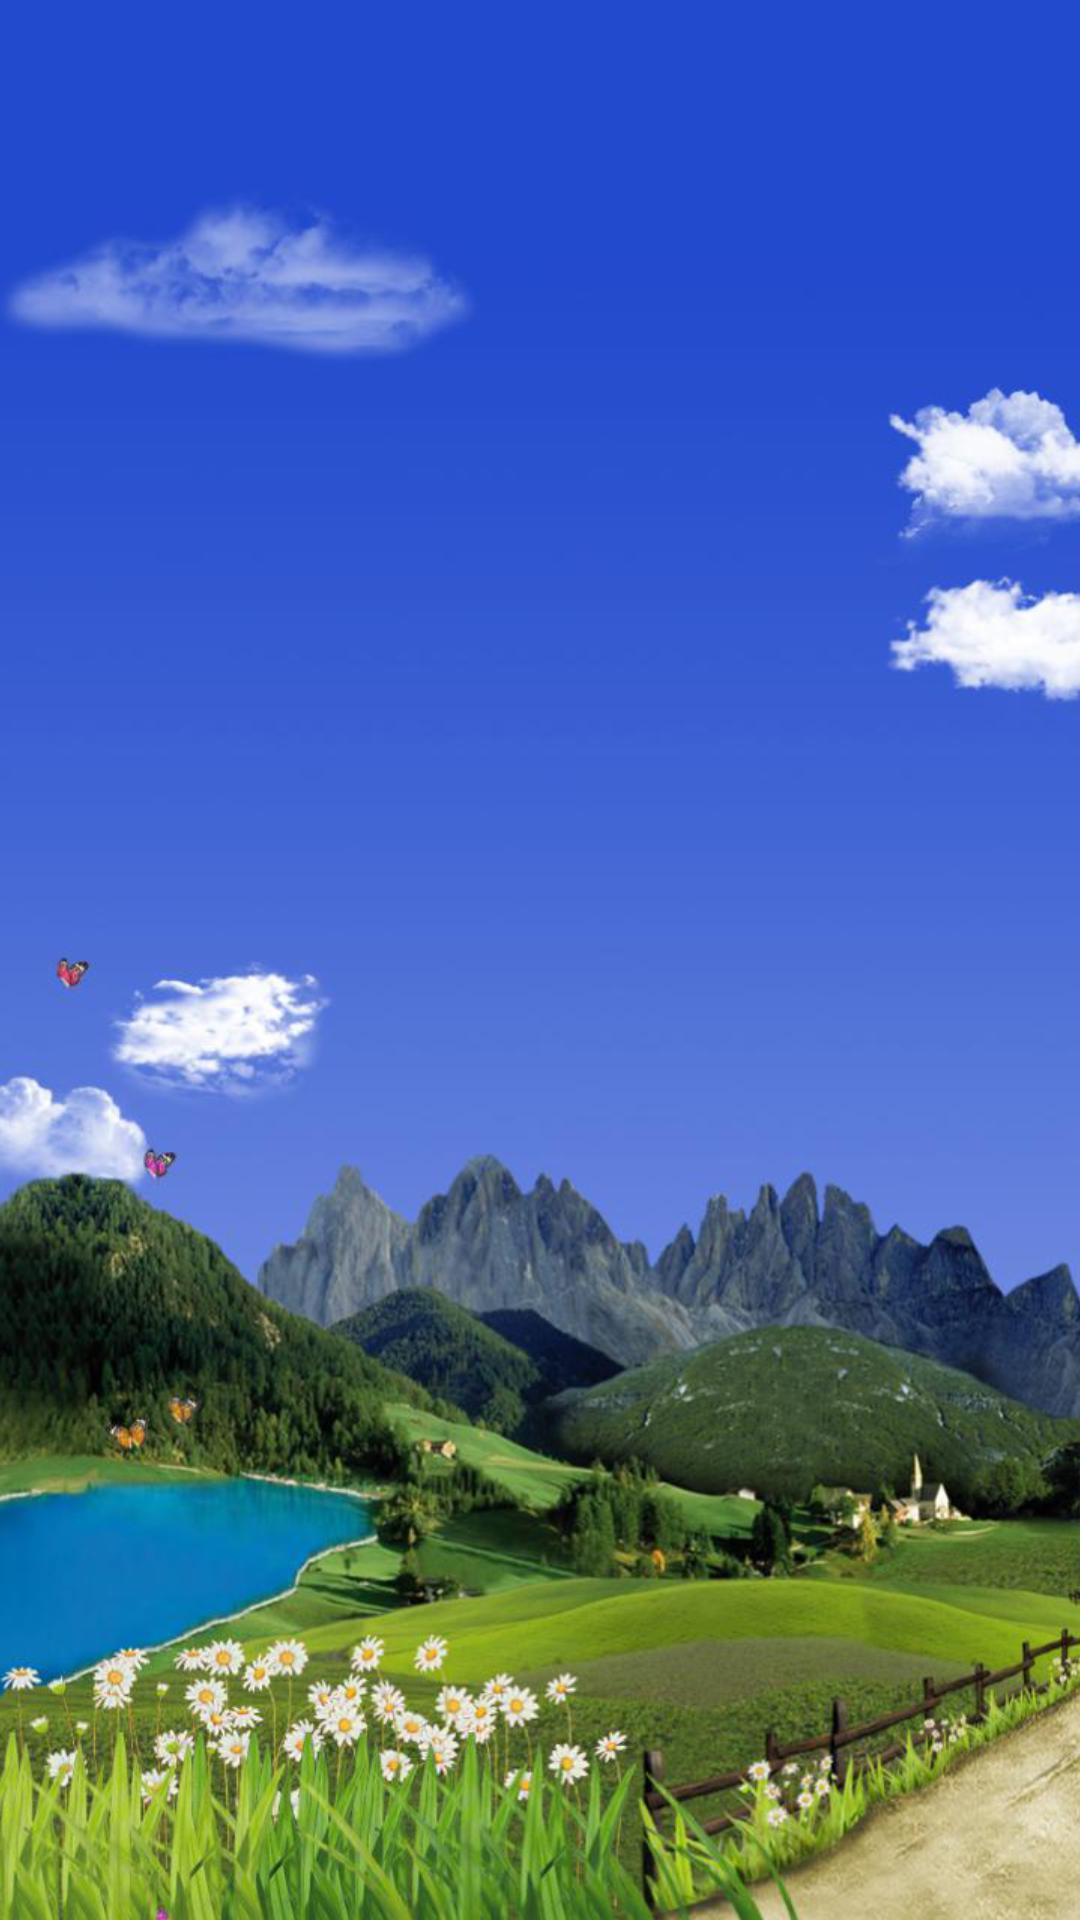 美丽山水主题动态壁纸截图1